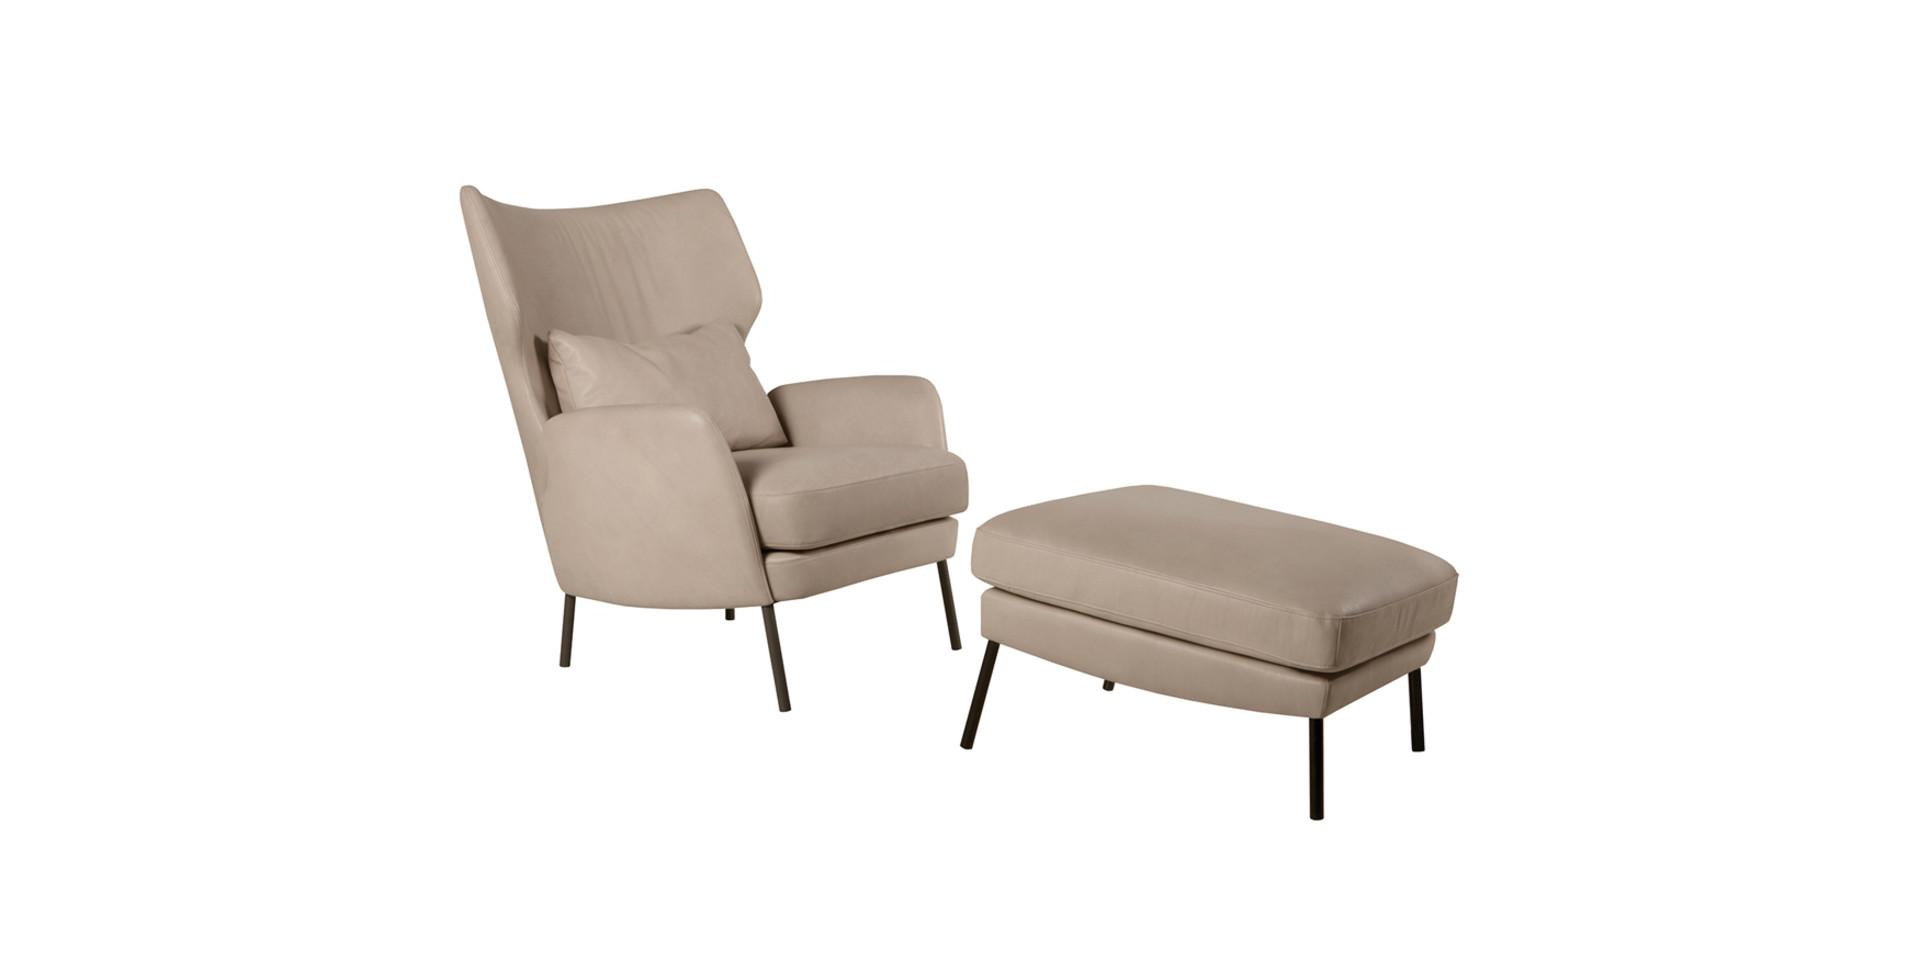 ALEX_armchair_footstool_aniline_sand_2